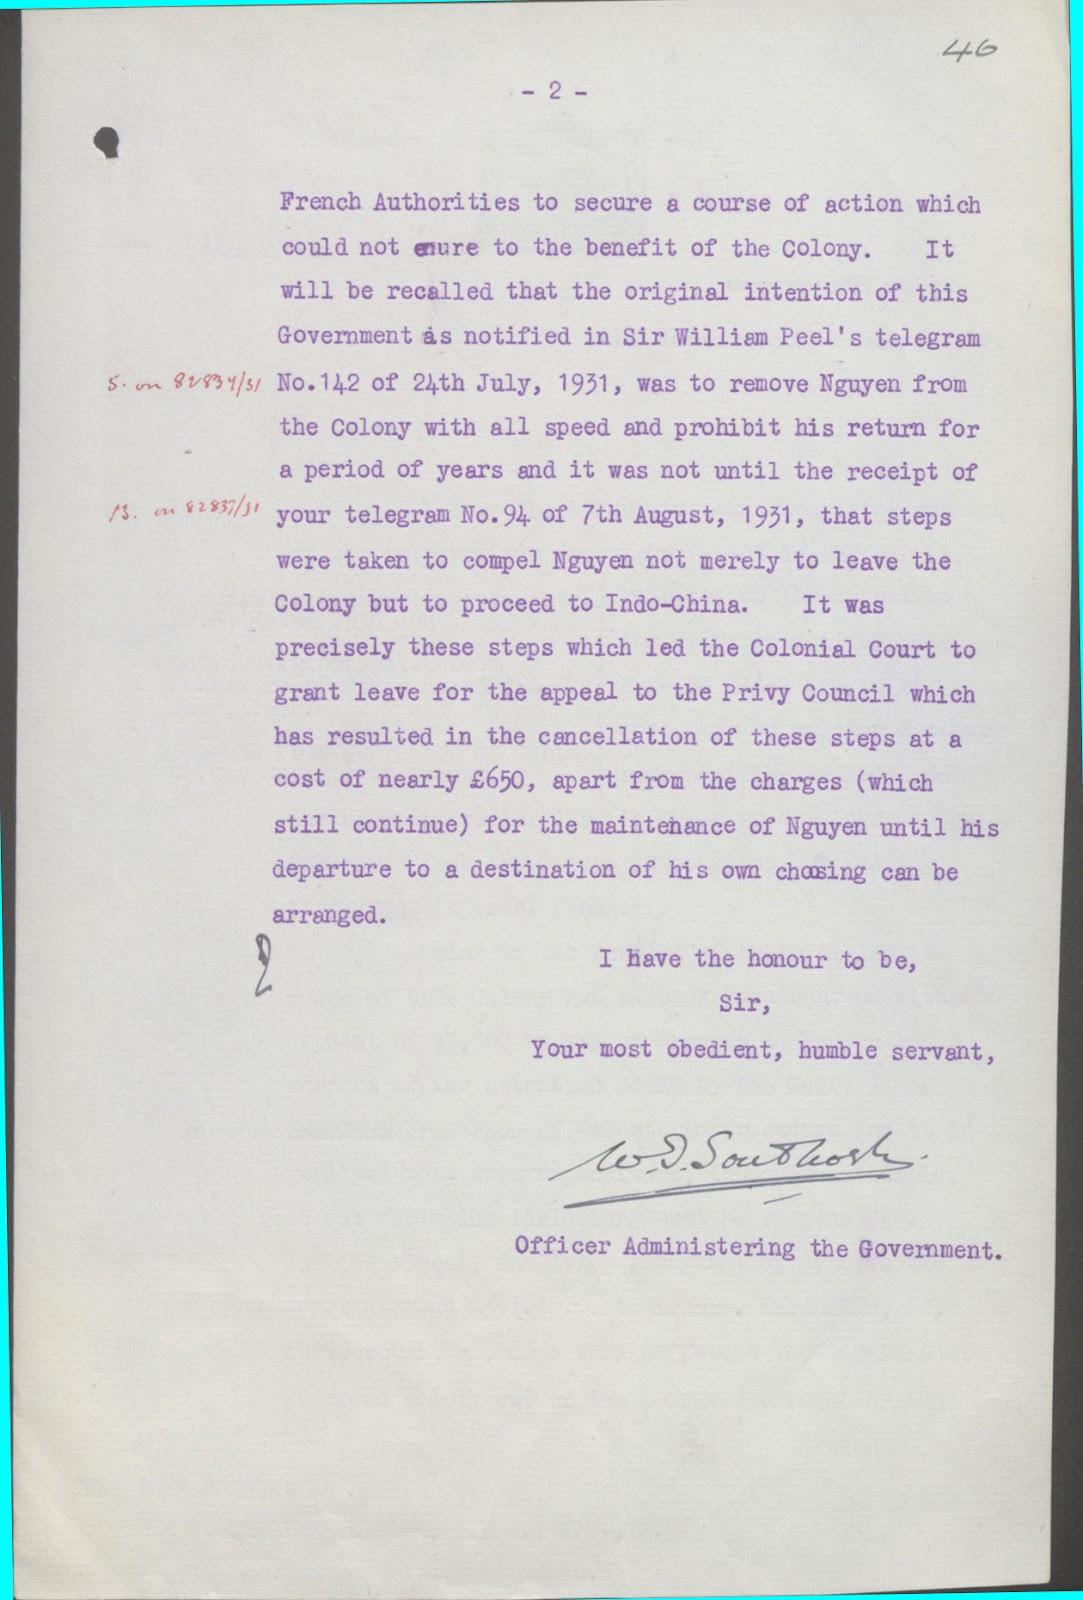 Thư của chánh quyền Hồng Kông gởi Bộ Thuộc địa 13-10-1932 (trang 2).jpg